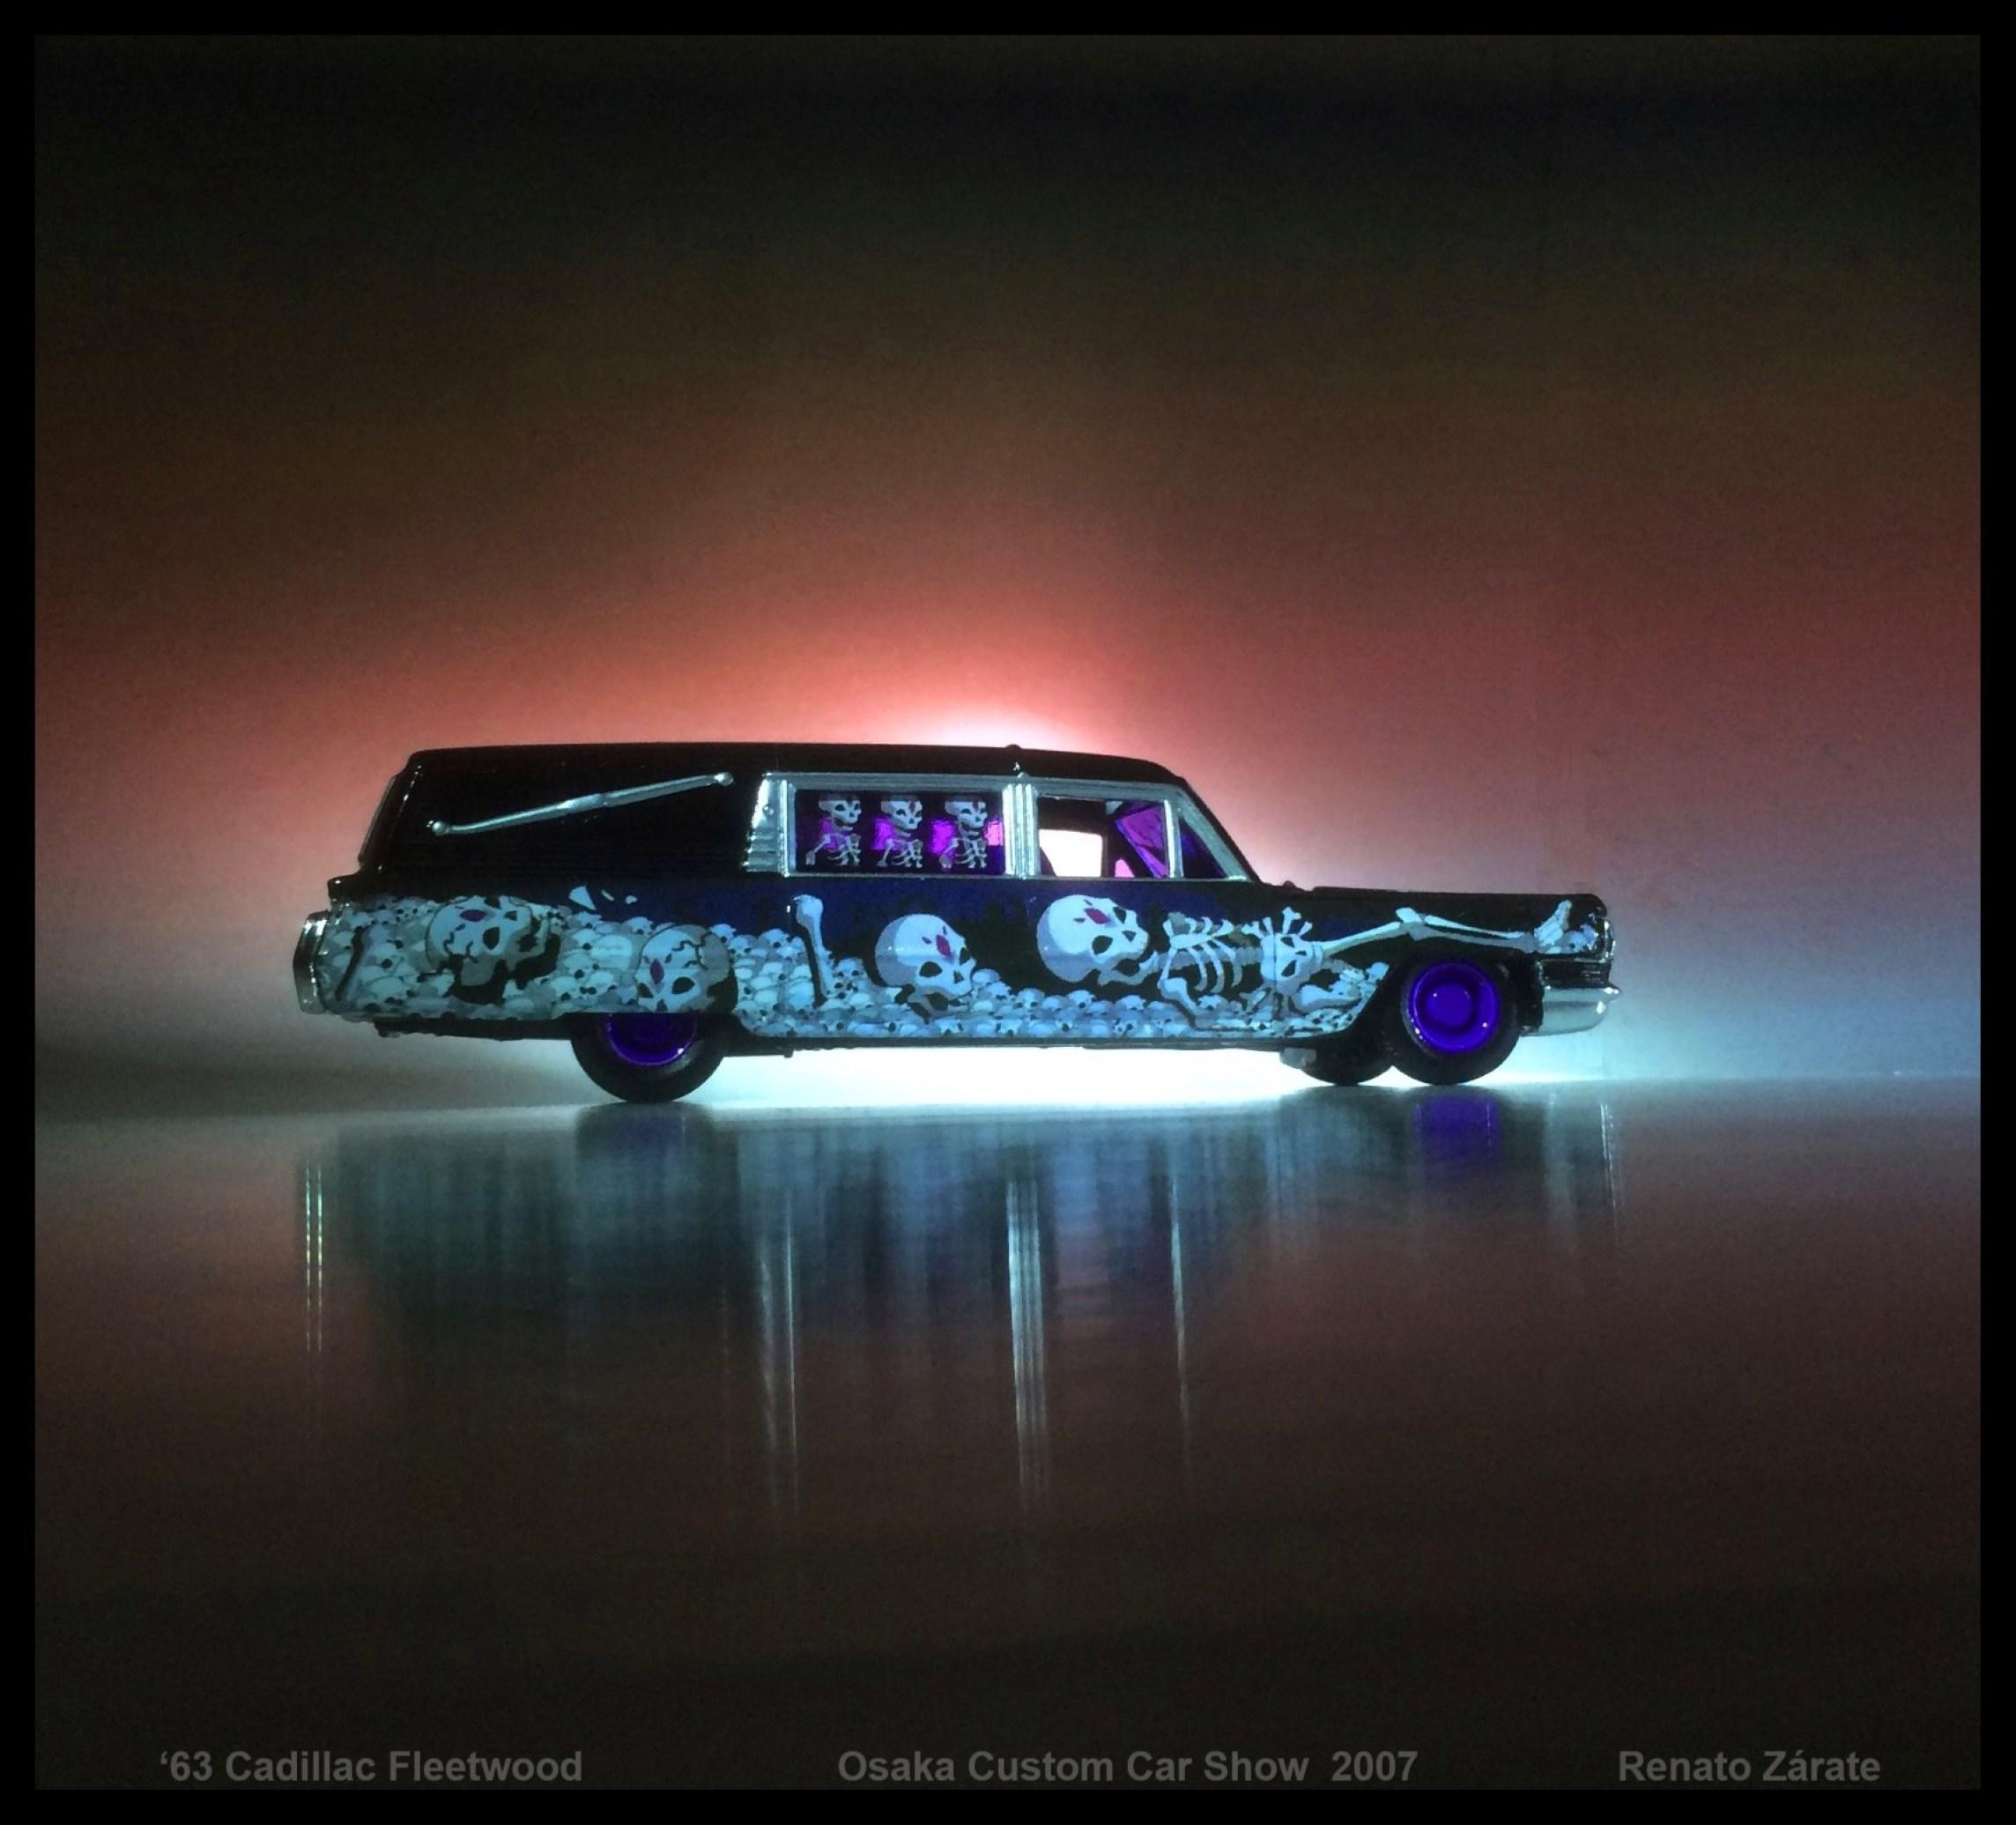 '63 Cadillac Fleetwood